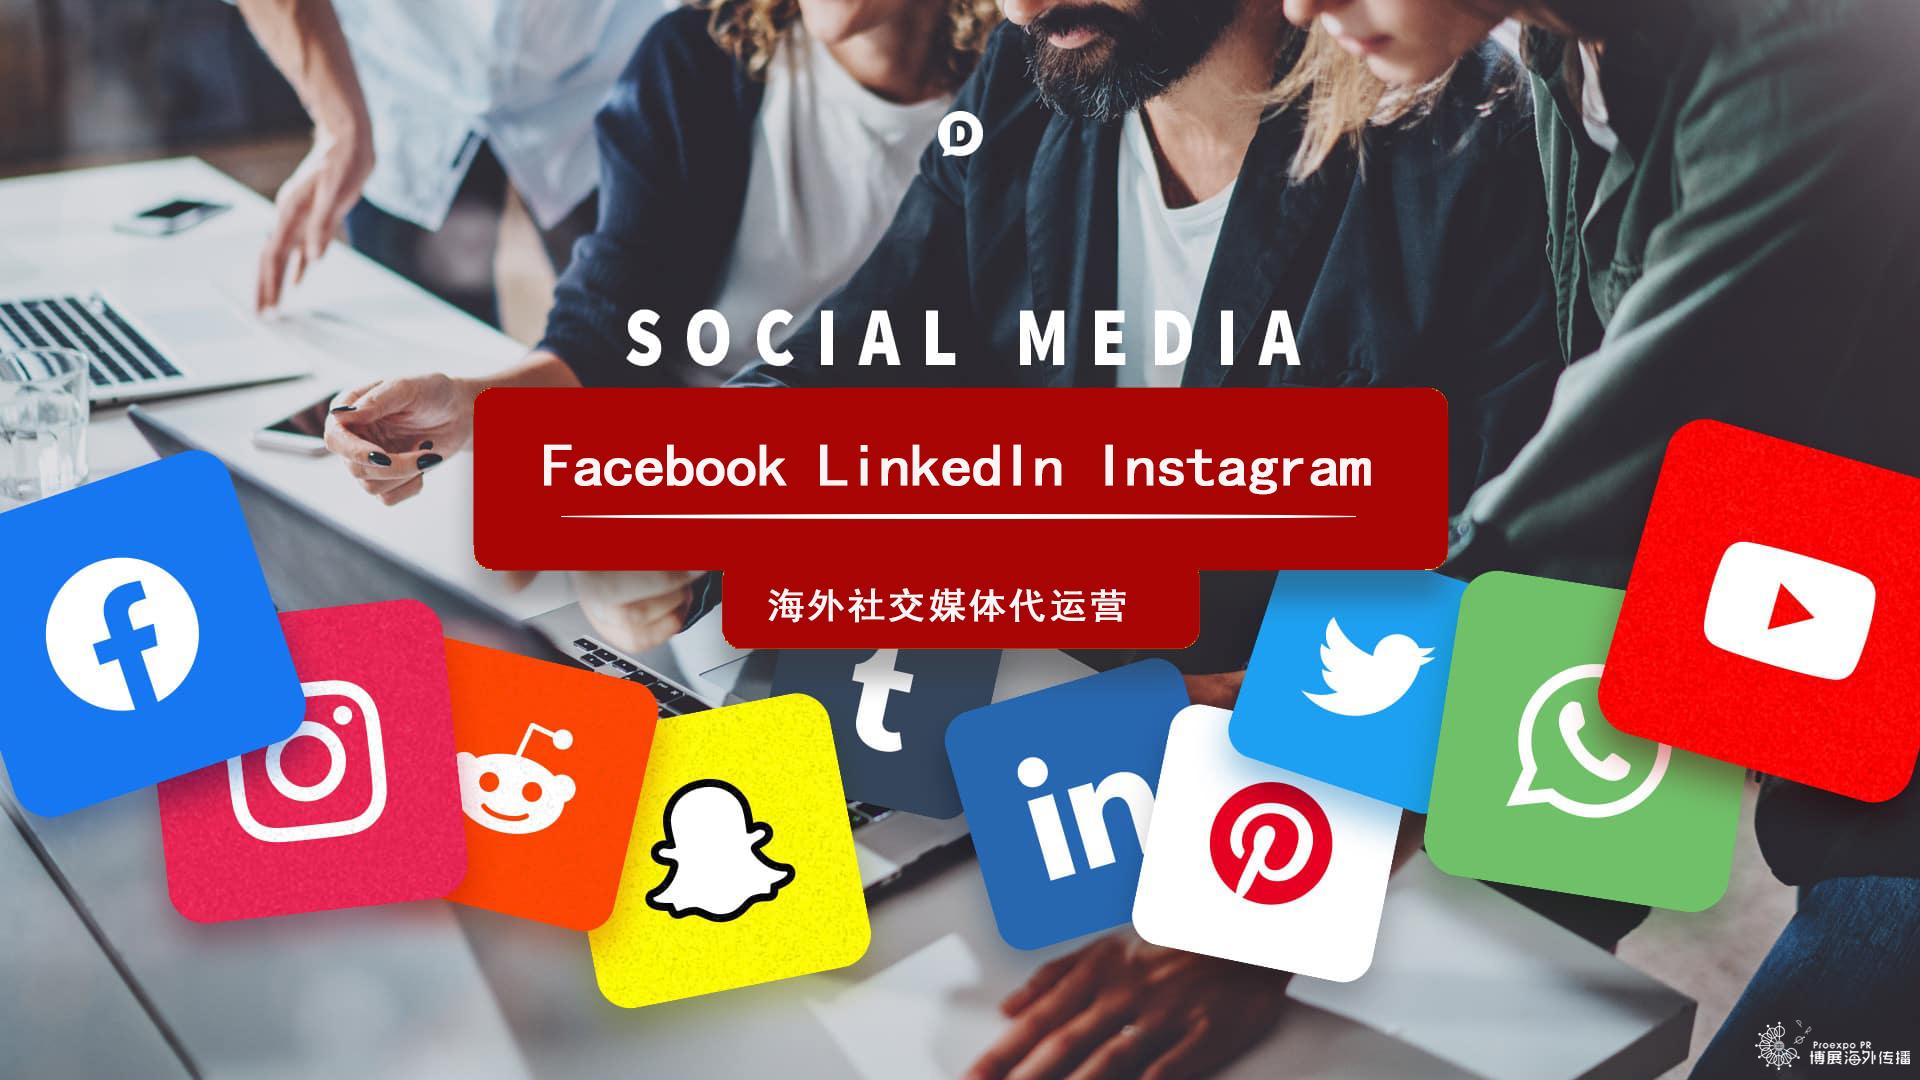 海外社交媒体